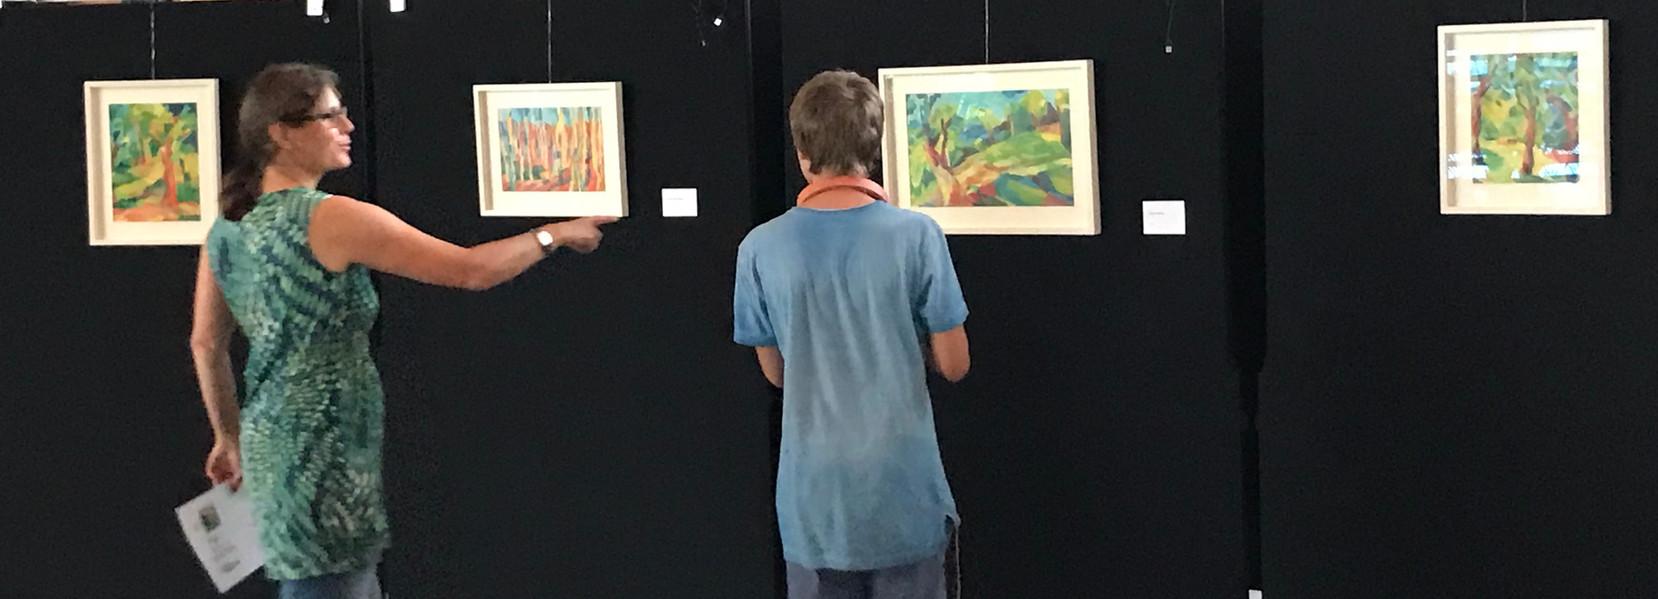 Waldgeschichten: Schweizerischer Forstverein, Ausstellung in Biel